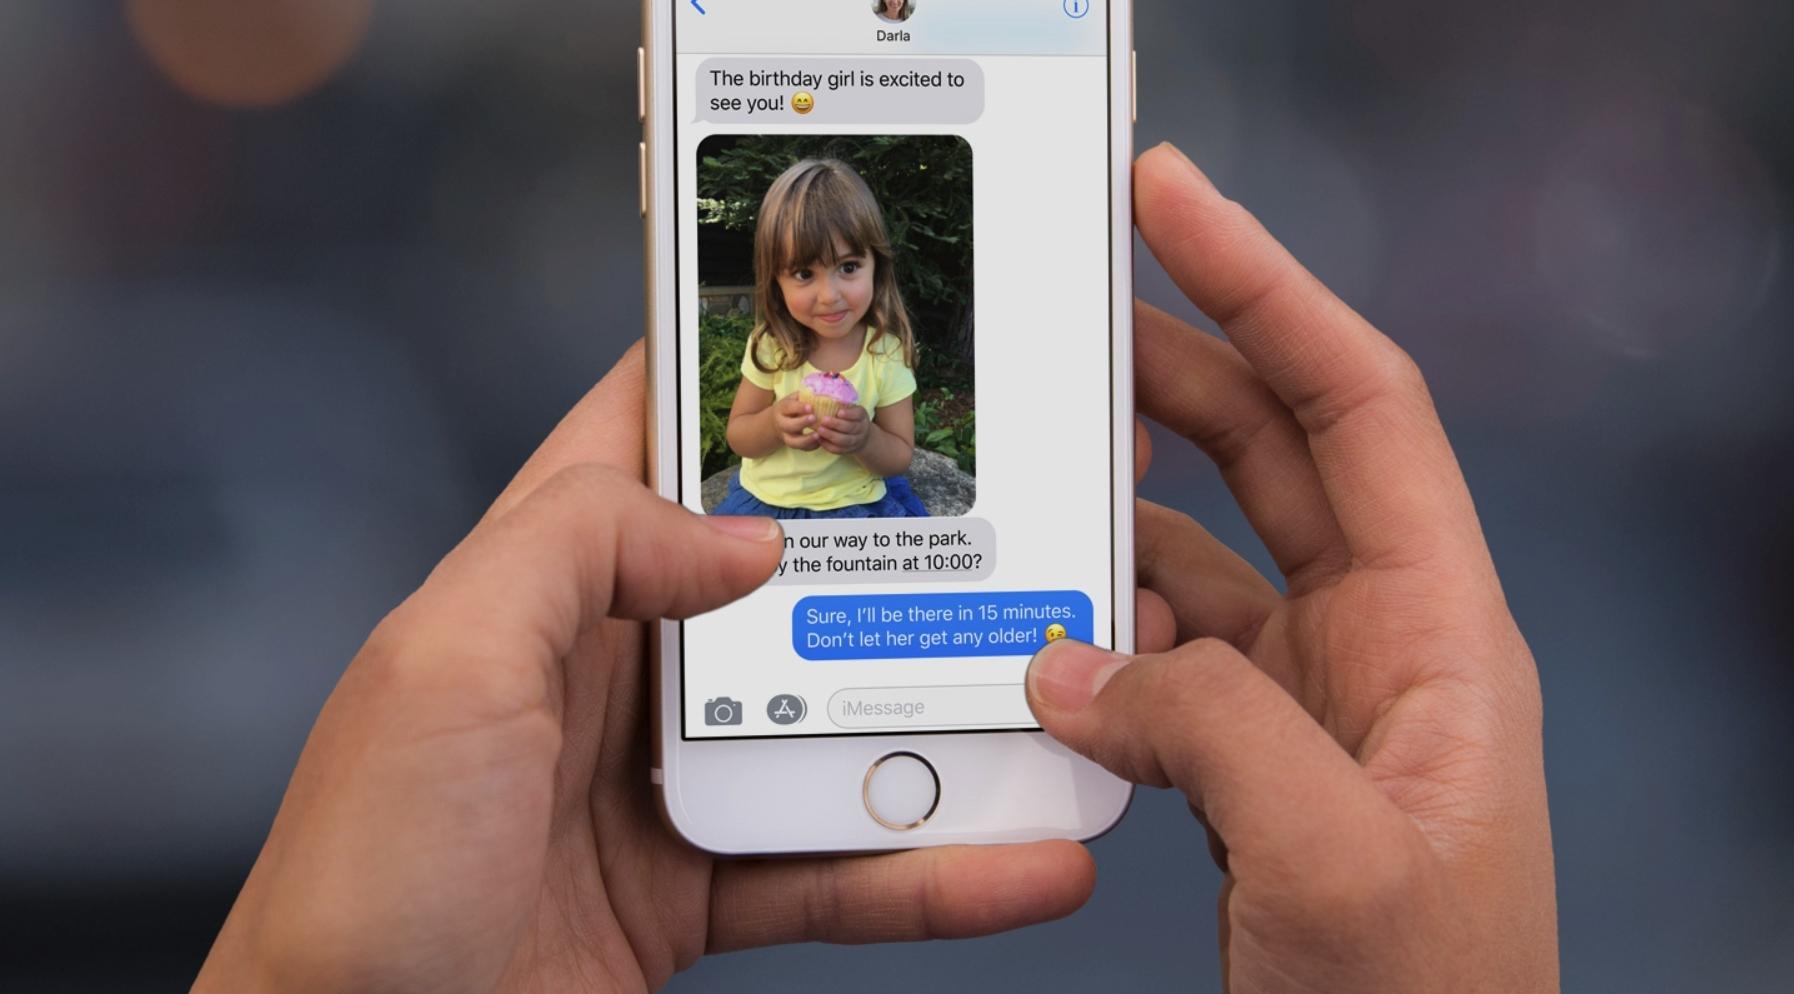 Apple-sjefen: - De vet hva du har surfet på i årevis og dine intime detaljer, jeg vil ikke at slikt skal eksistere